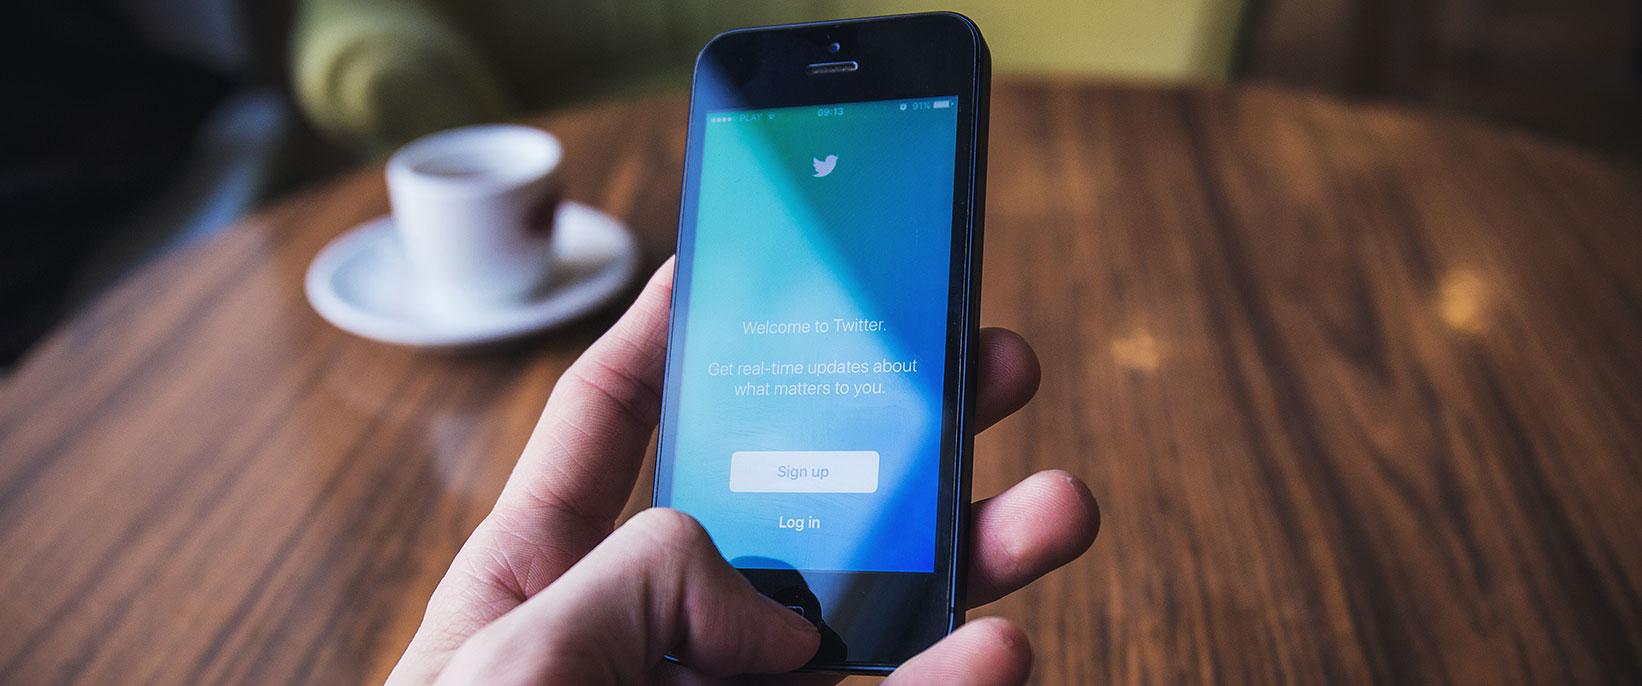 En hand som håller en telefon för att logga in på Twitter